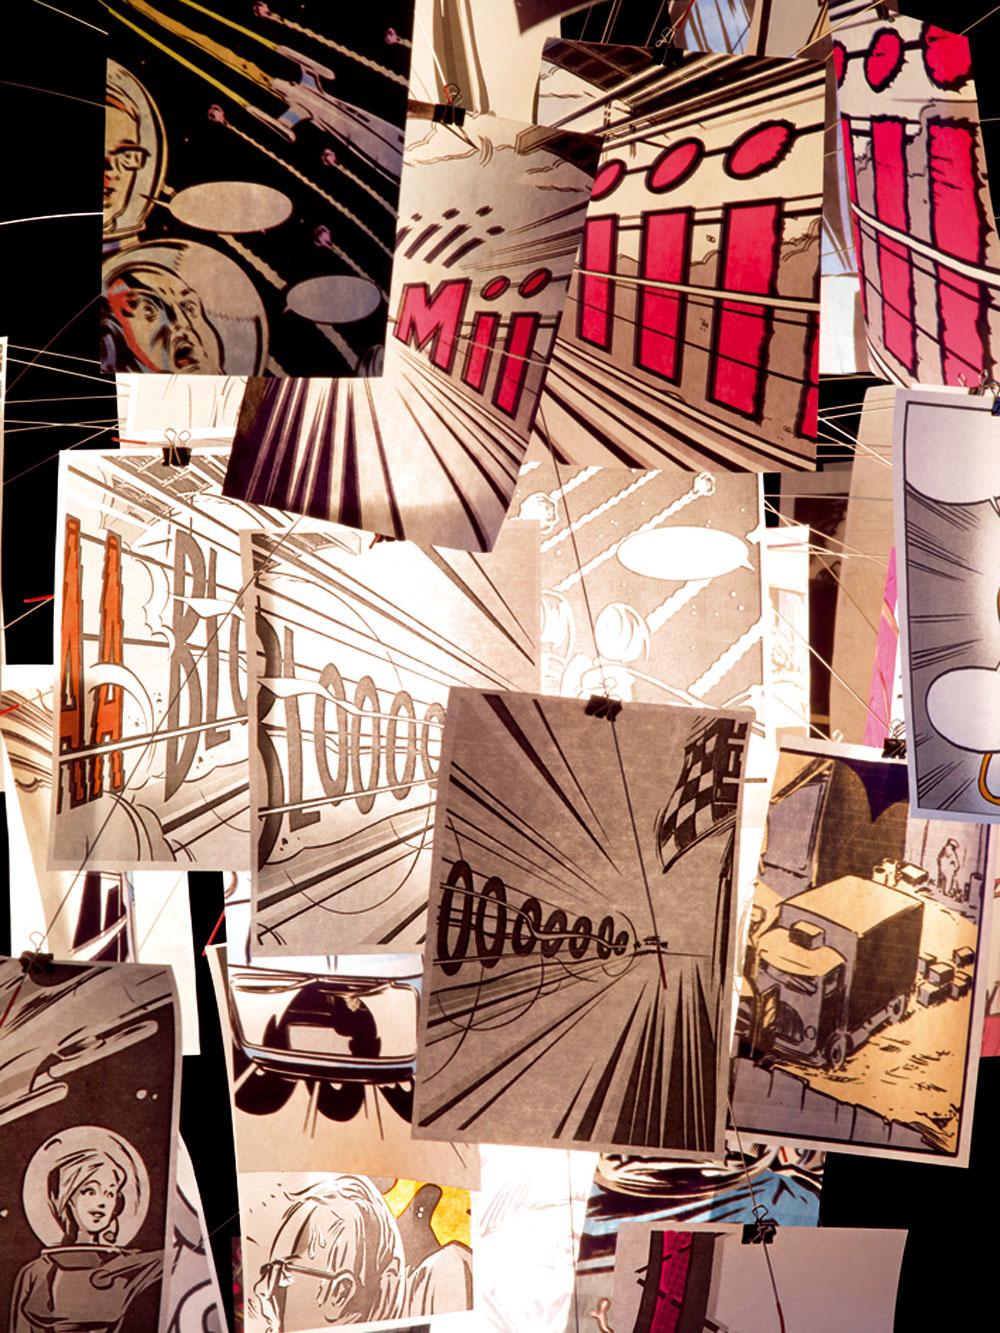 V novom kabáte sa predviedlo aj známe svietidlo BangBoom od kultového nemeckého návrhára Ingo Mauera. Keďže jeho osemdesiat japonských papierov formátu A5 je najnovšie potlačených komiksami, svietidlo výborne zapadalo do mladistvého rámca milánskeho veľtrhu.